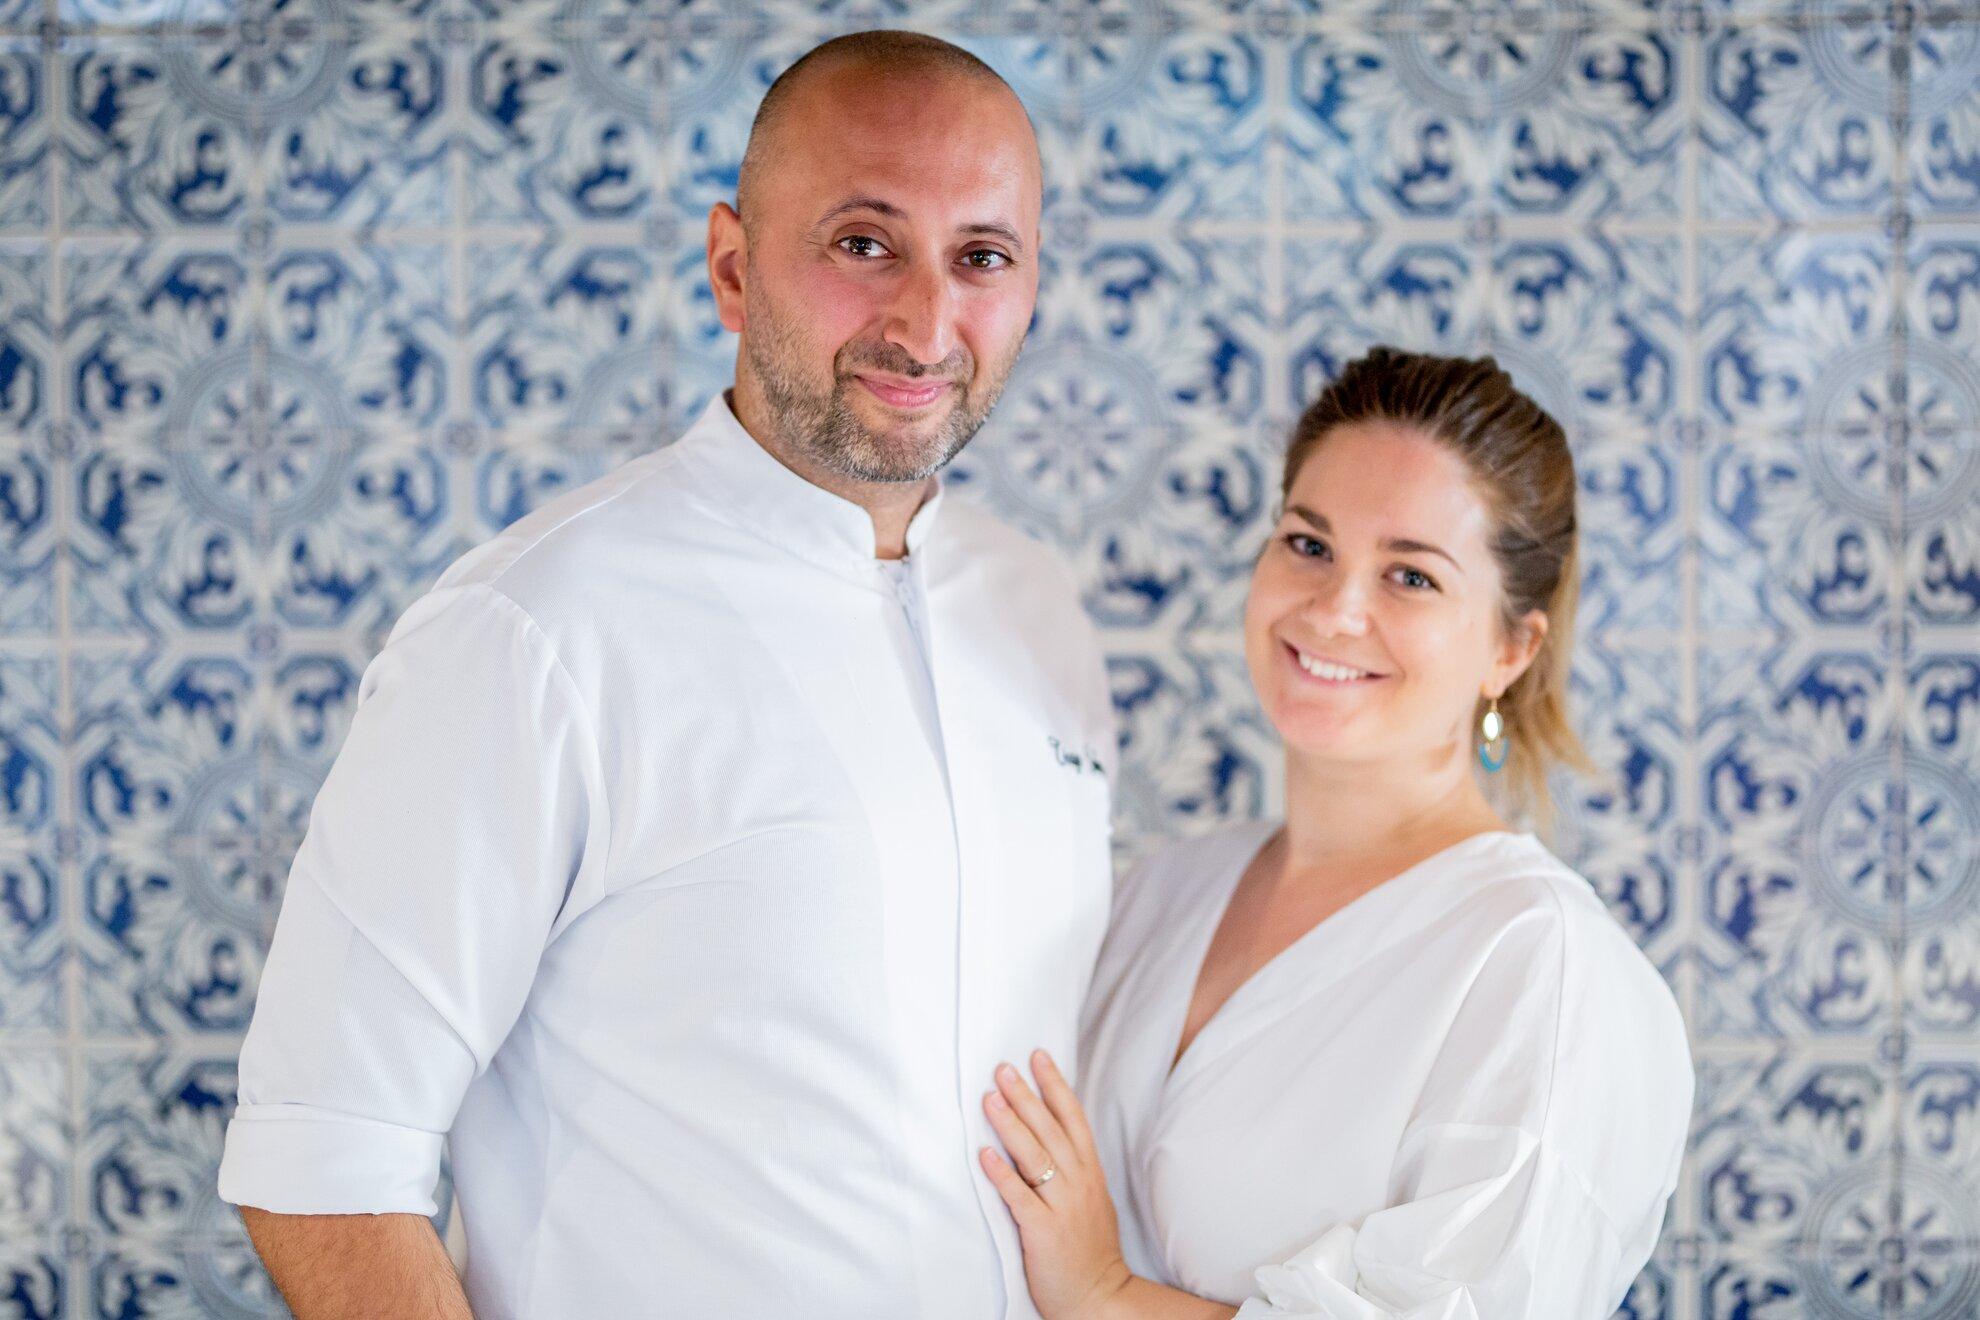 Portugál-magyar éttermet nyit a Costes Downtown egykori séfje feleségével: nemsokára itt az Essência Restaurant – Tiago & Éva